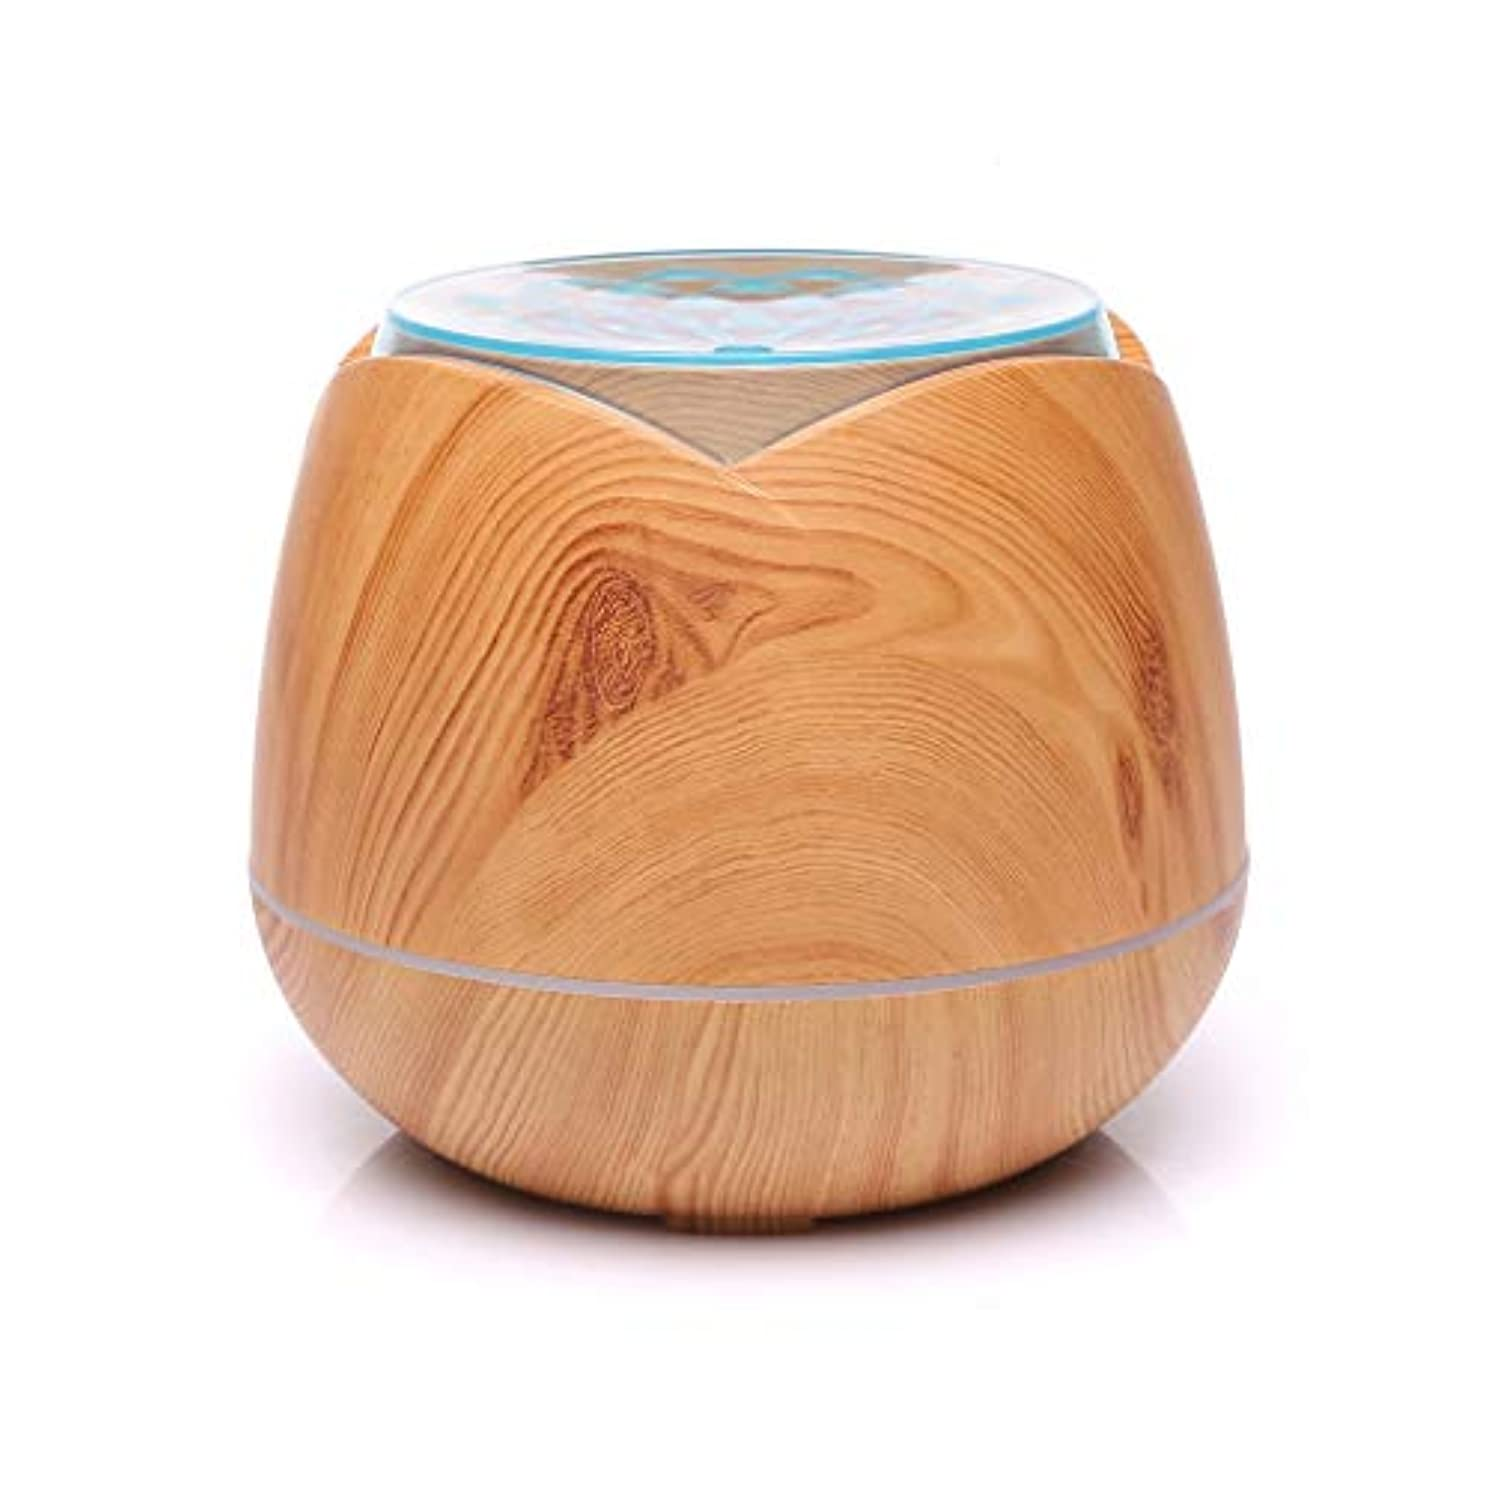 かんがい最終協会涼しい霧の空気加湿器、家、ヨガ、オフィス、鉱泉、寝室のために変わる色LEDライトと超音波400ml - 木目 - (Color : Light wood grain)